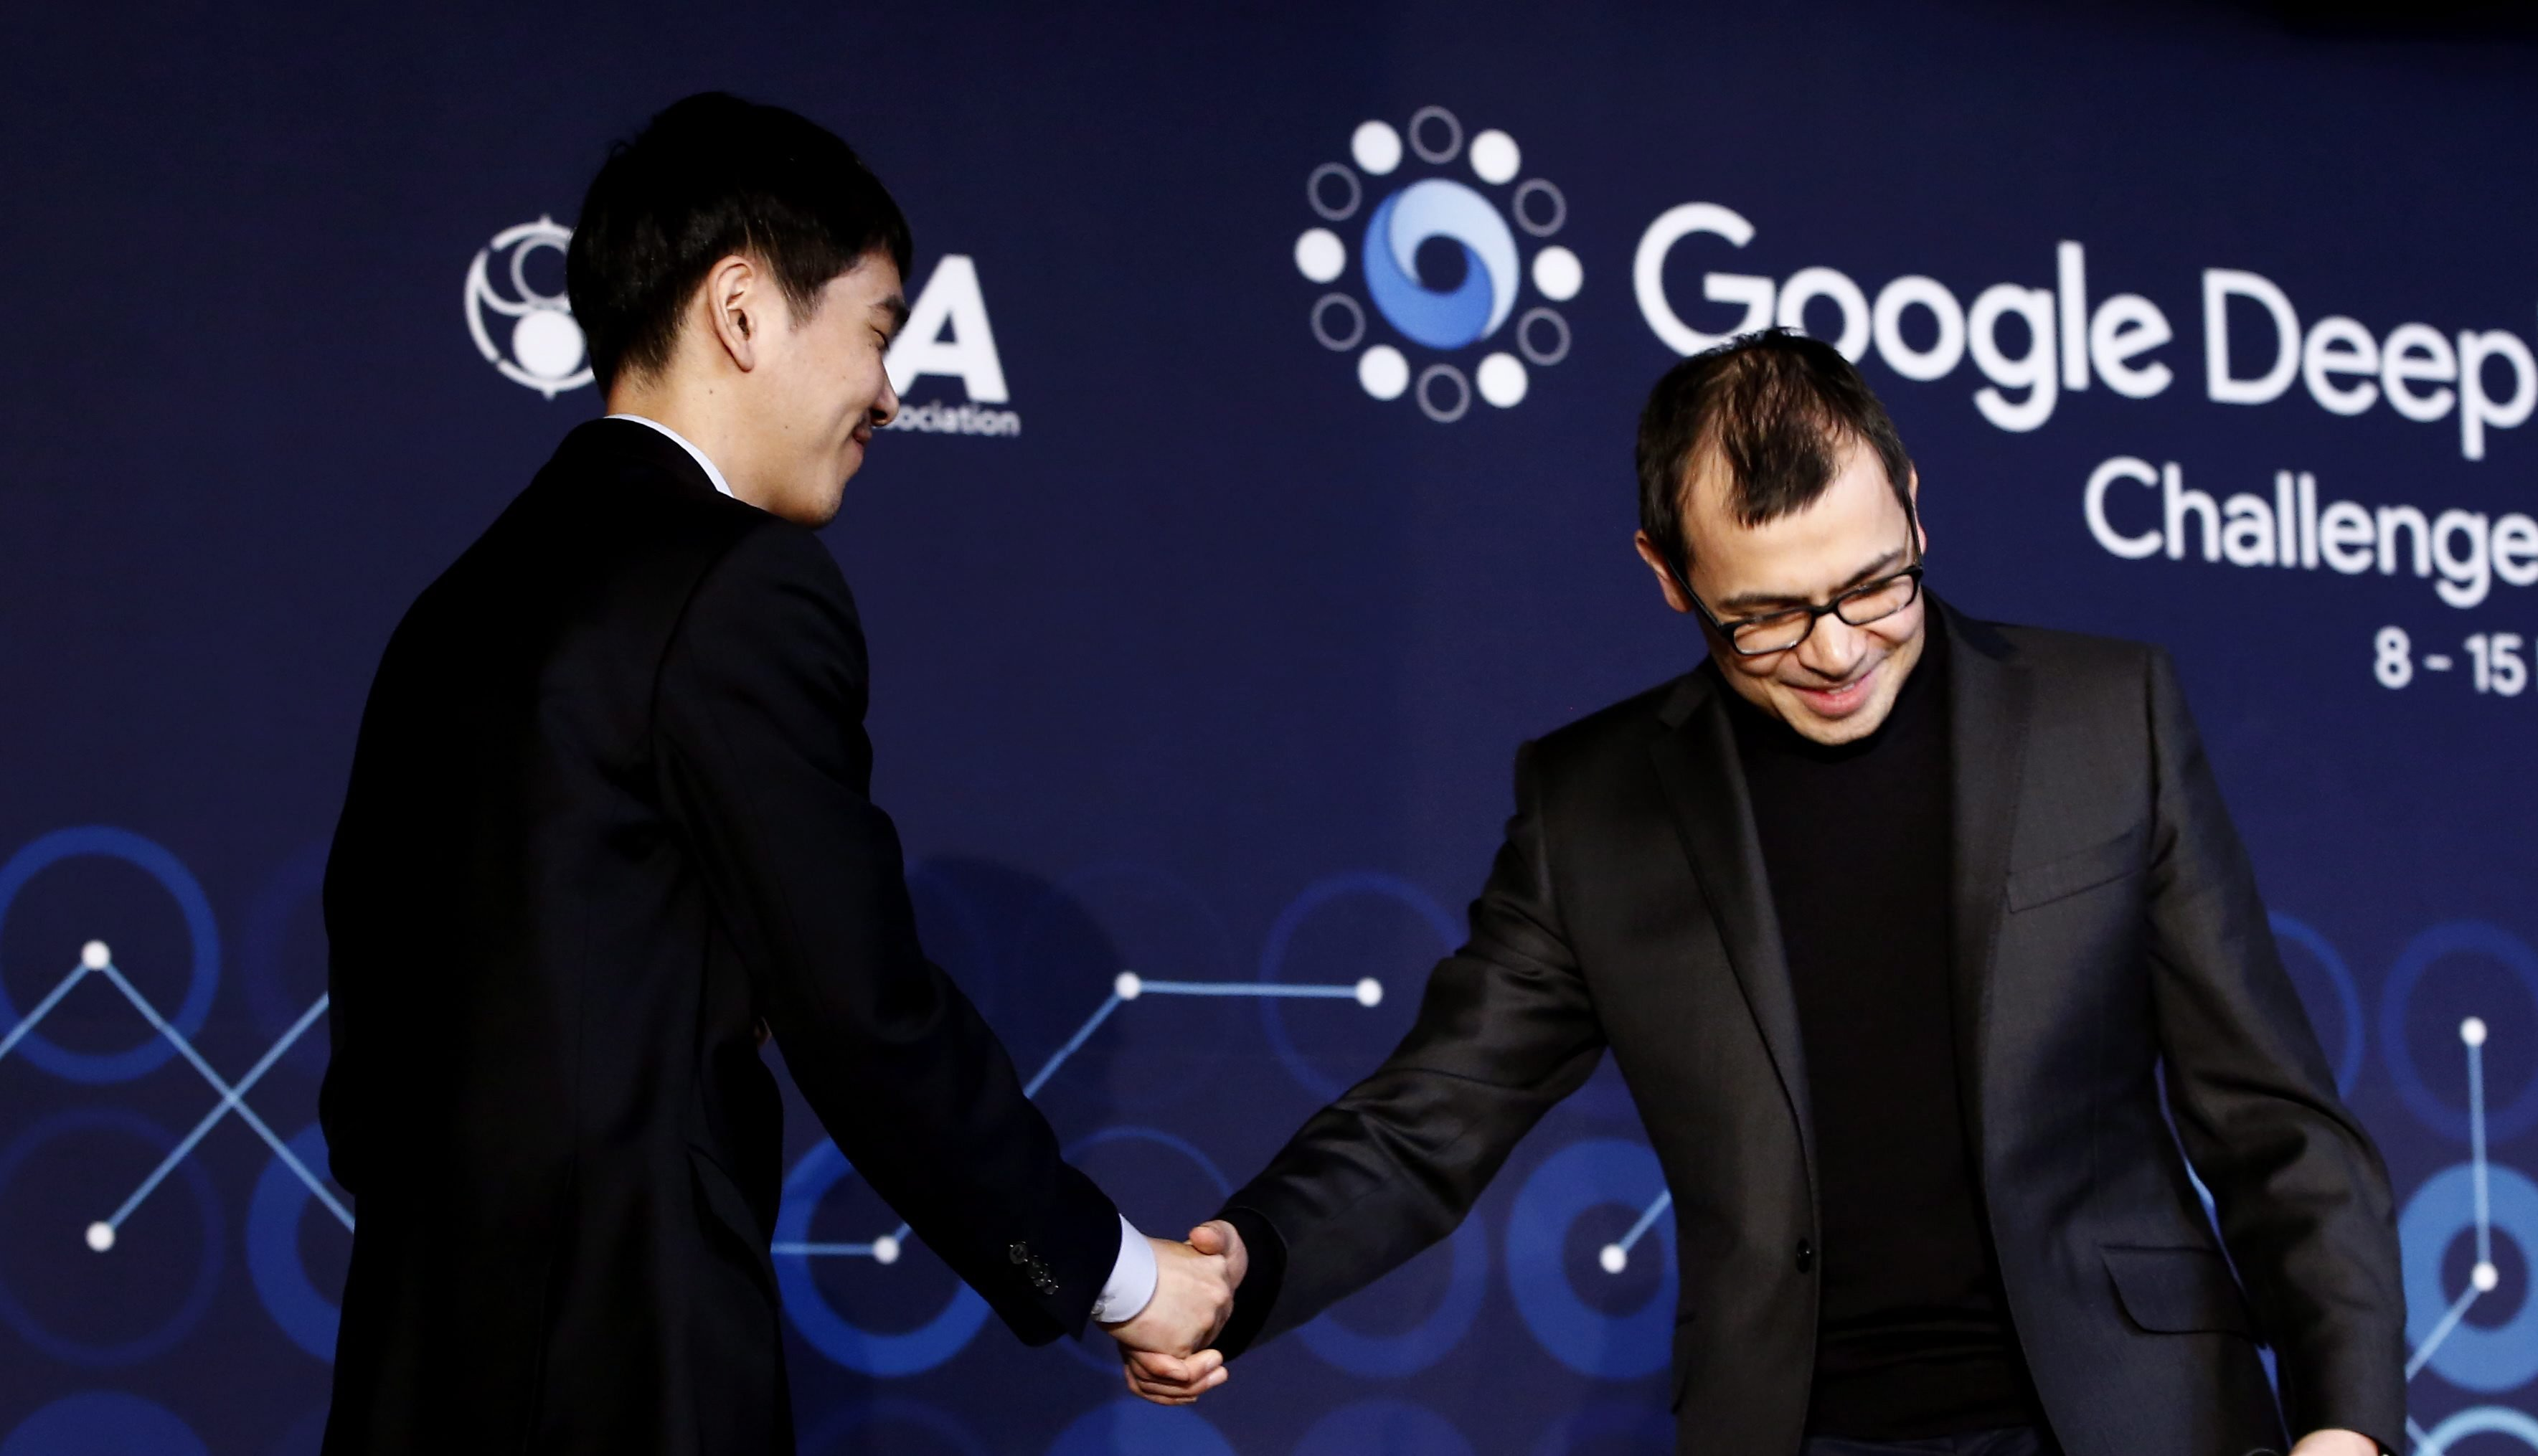 Go-Weltmeister Lee Sedol (l.) gartuliert Demis Hassabis (r.), Mitgründer des Software-Unternehmens DeepMind, zum Sieg. Go gilt als das schwierigste Spiel der Welt.